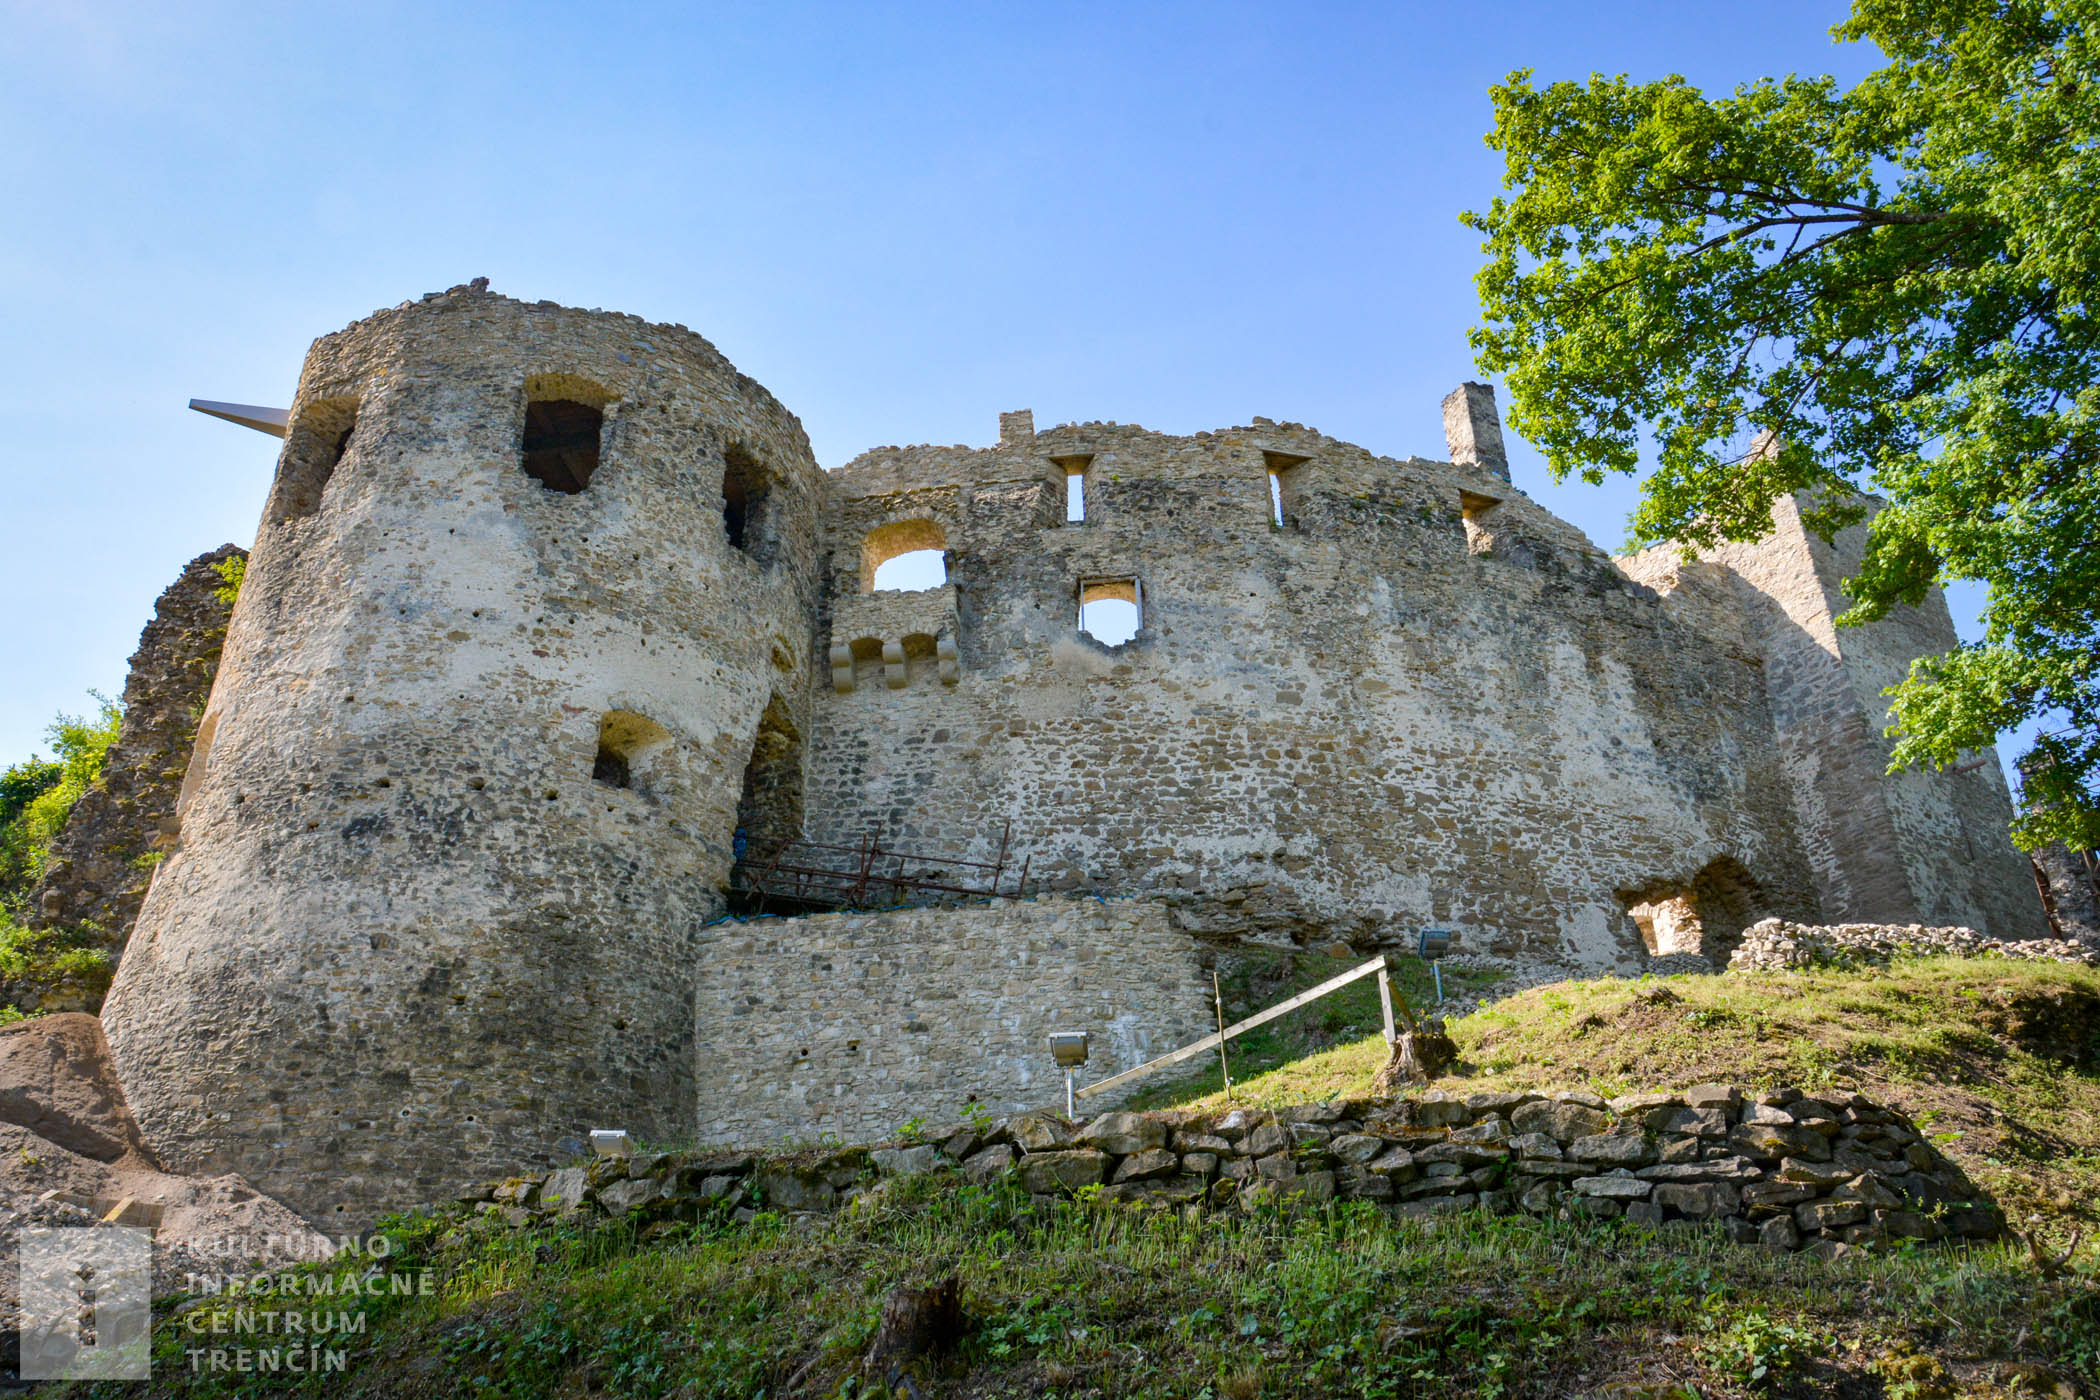 V rokoch 2011 – 2012 sa realizoval archeologický prieskum a neskôr aj obnova hradu.